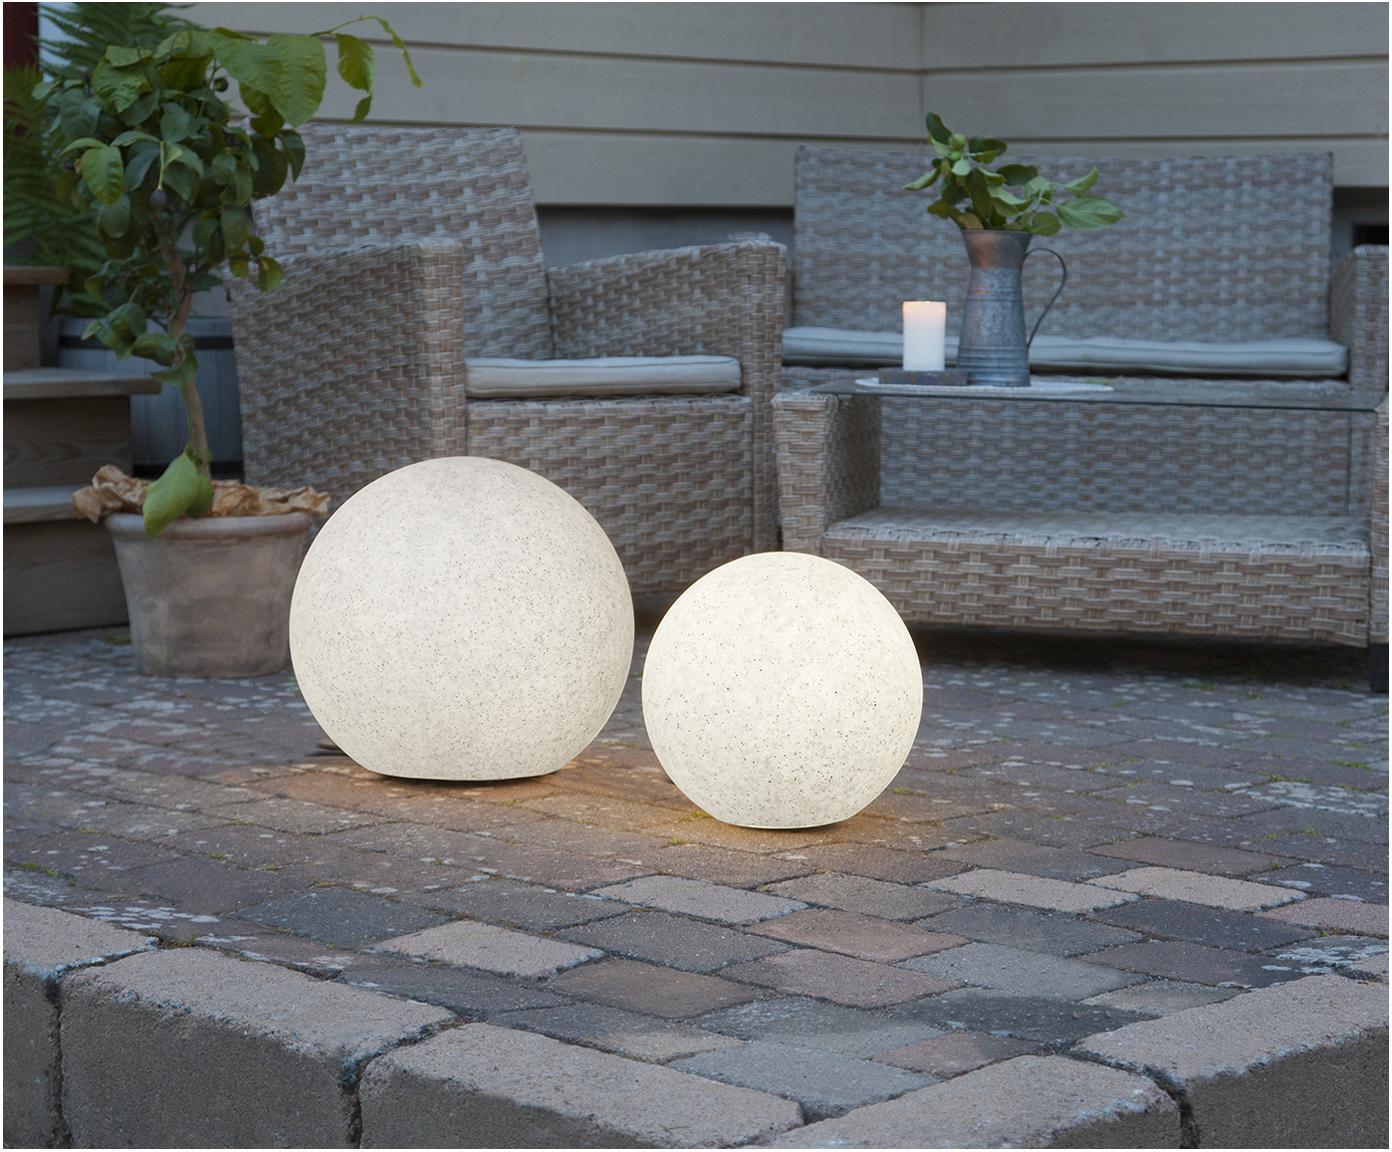 Lampada a LED da esterno Gardenlight, Materiale sintetico, Bianco, nero, Ø 29 x Alt. 30 cm